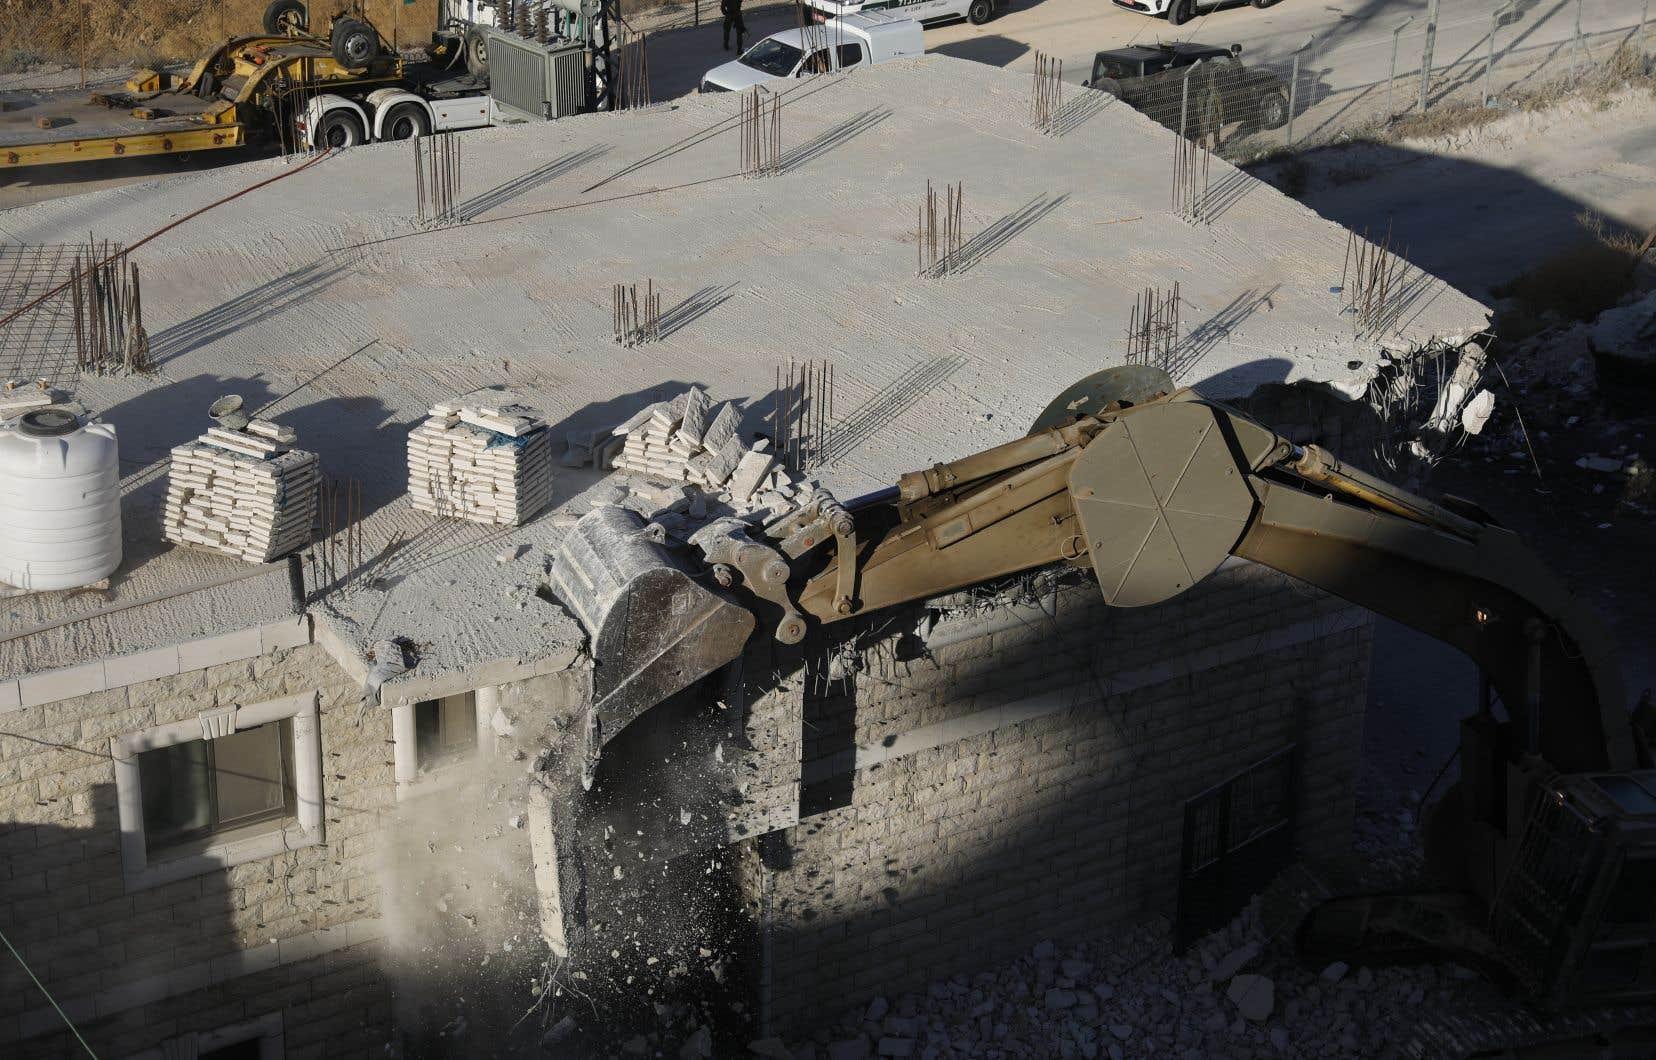 Les forces israéliennes ont commencé à démolir lundi matin des maisons palestiniennes considérées comme illégales au sud de Jérusalem.